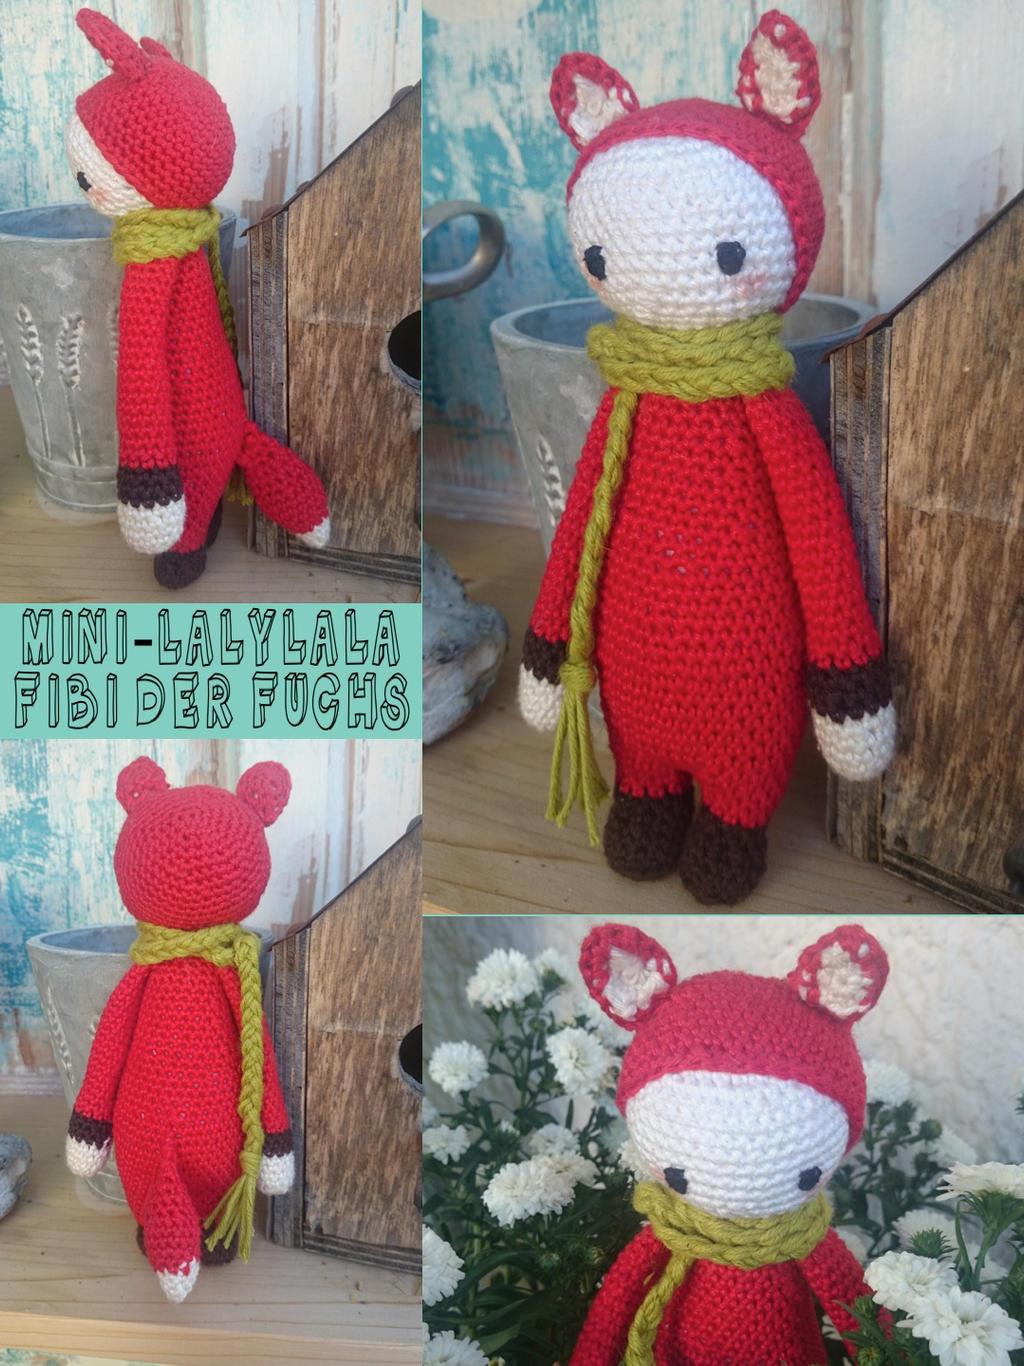 Lalylala Free Pattern | Knitting dolls free patterns, Doll ... | 1366x1024